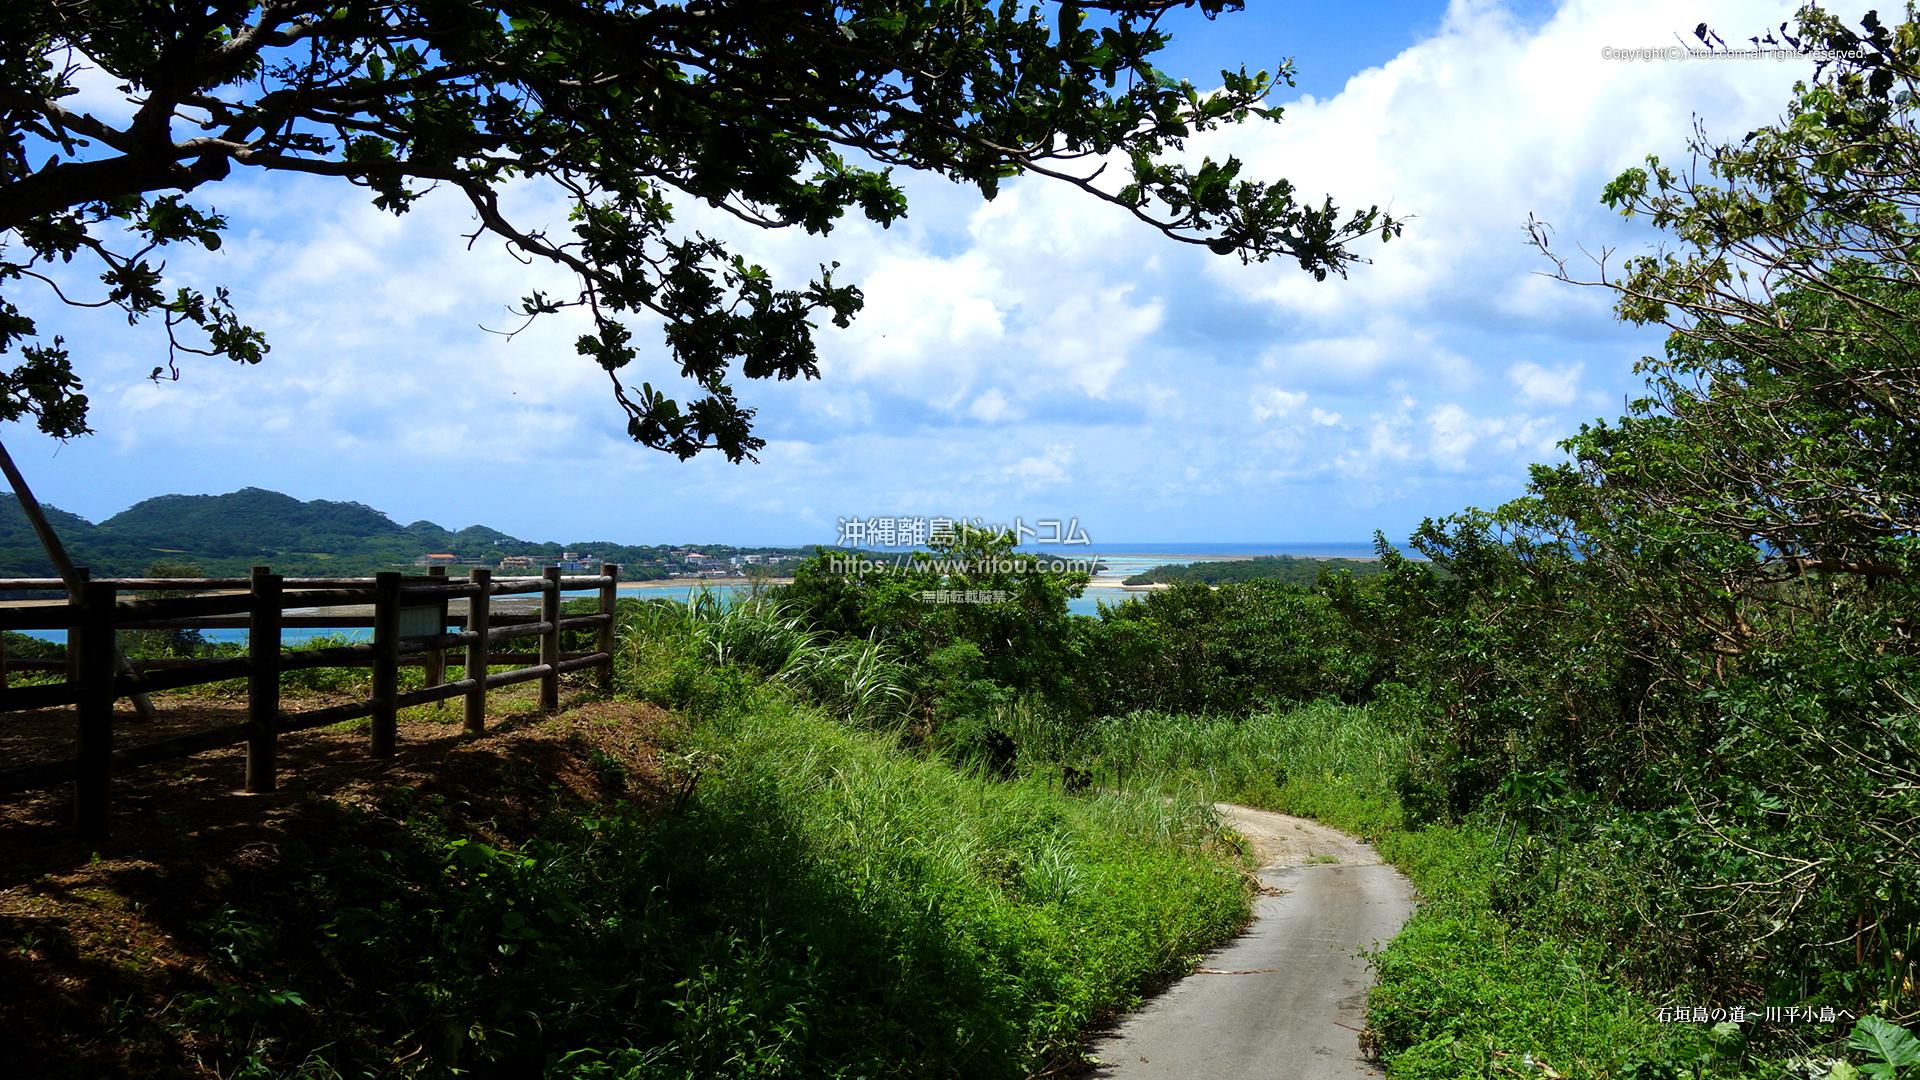 石垣島の道〜川平小島へ